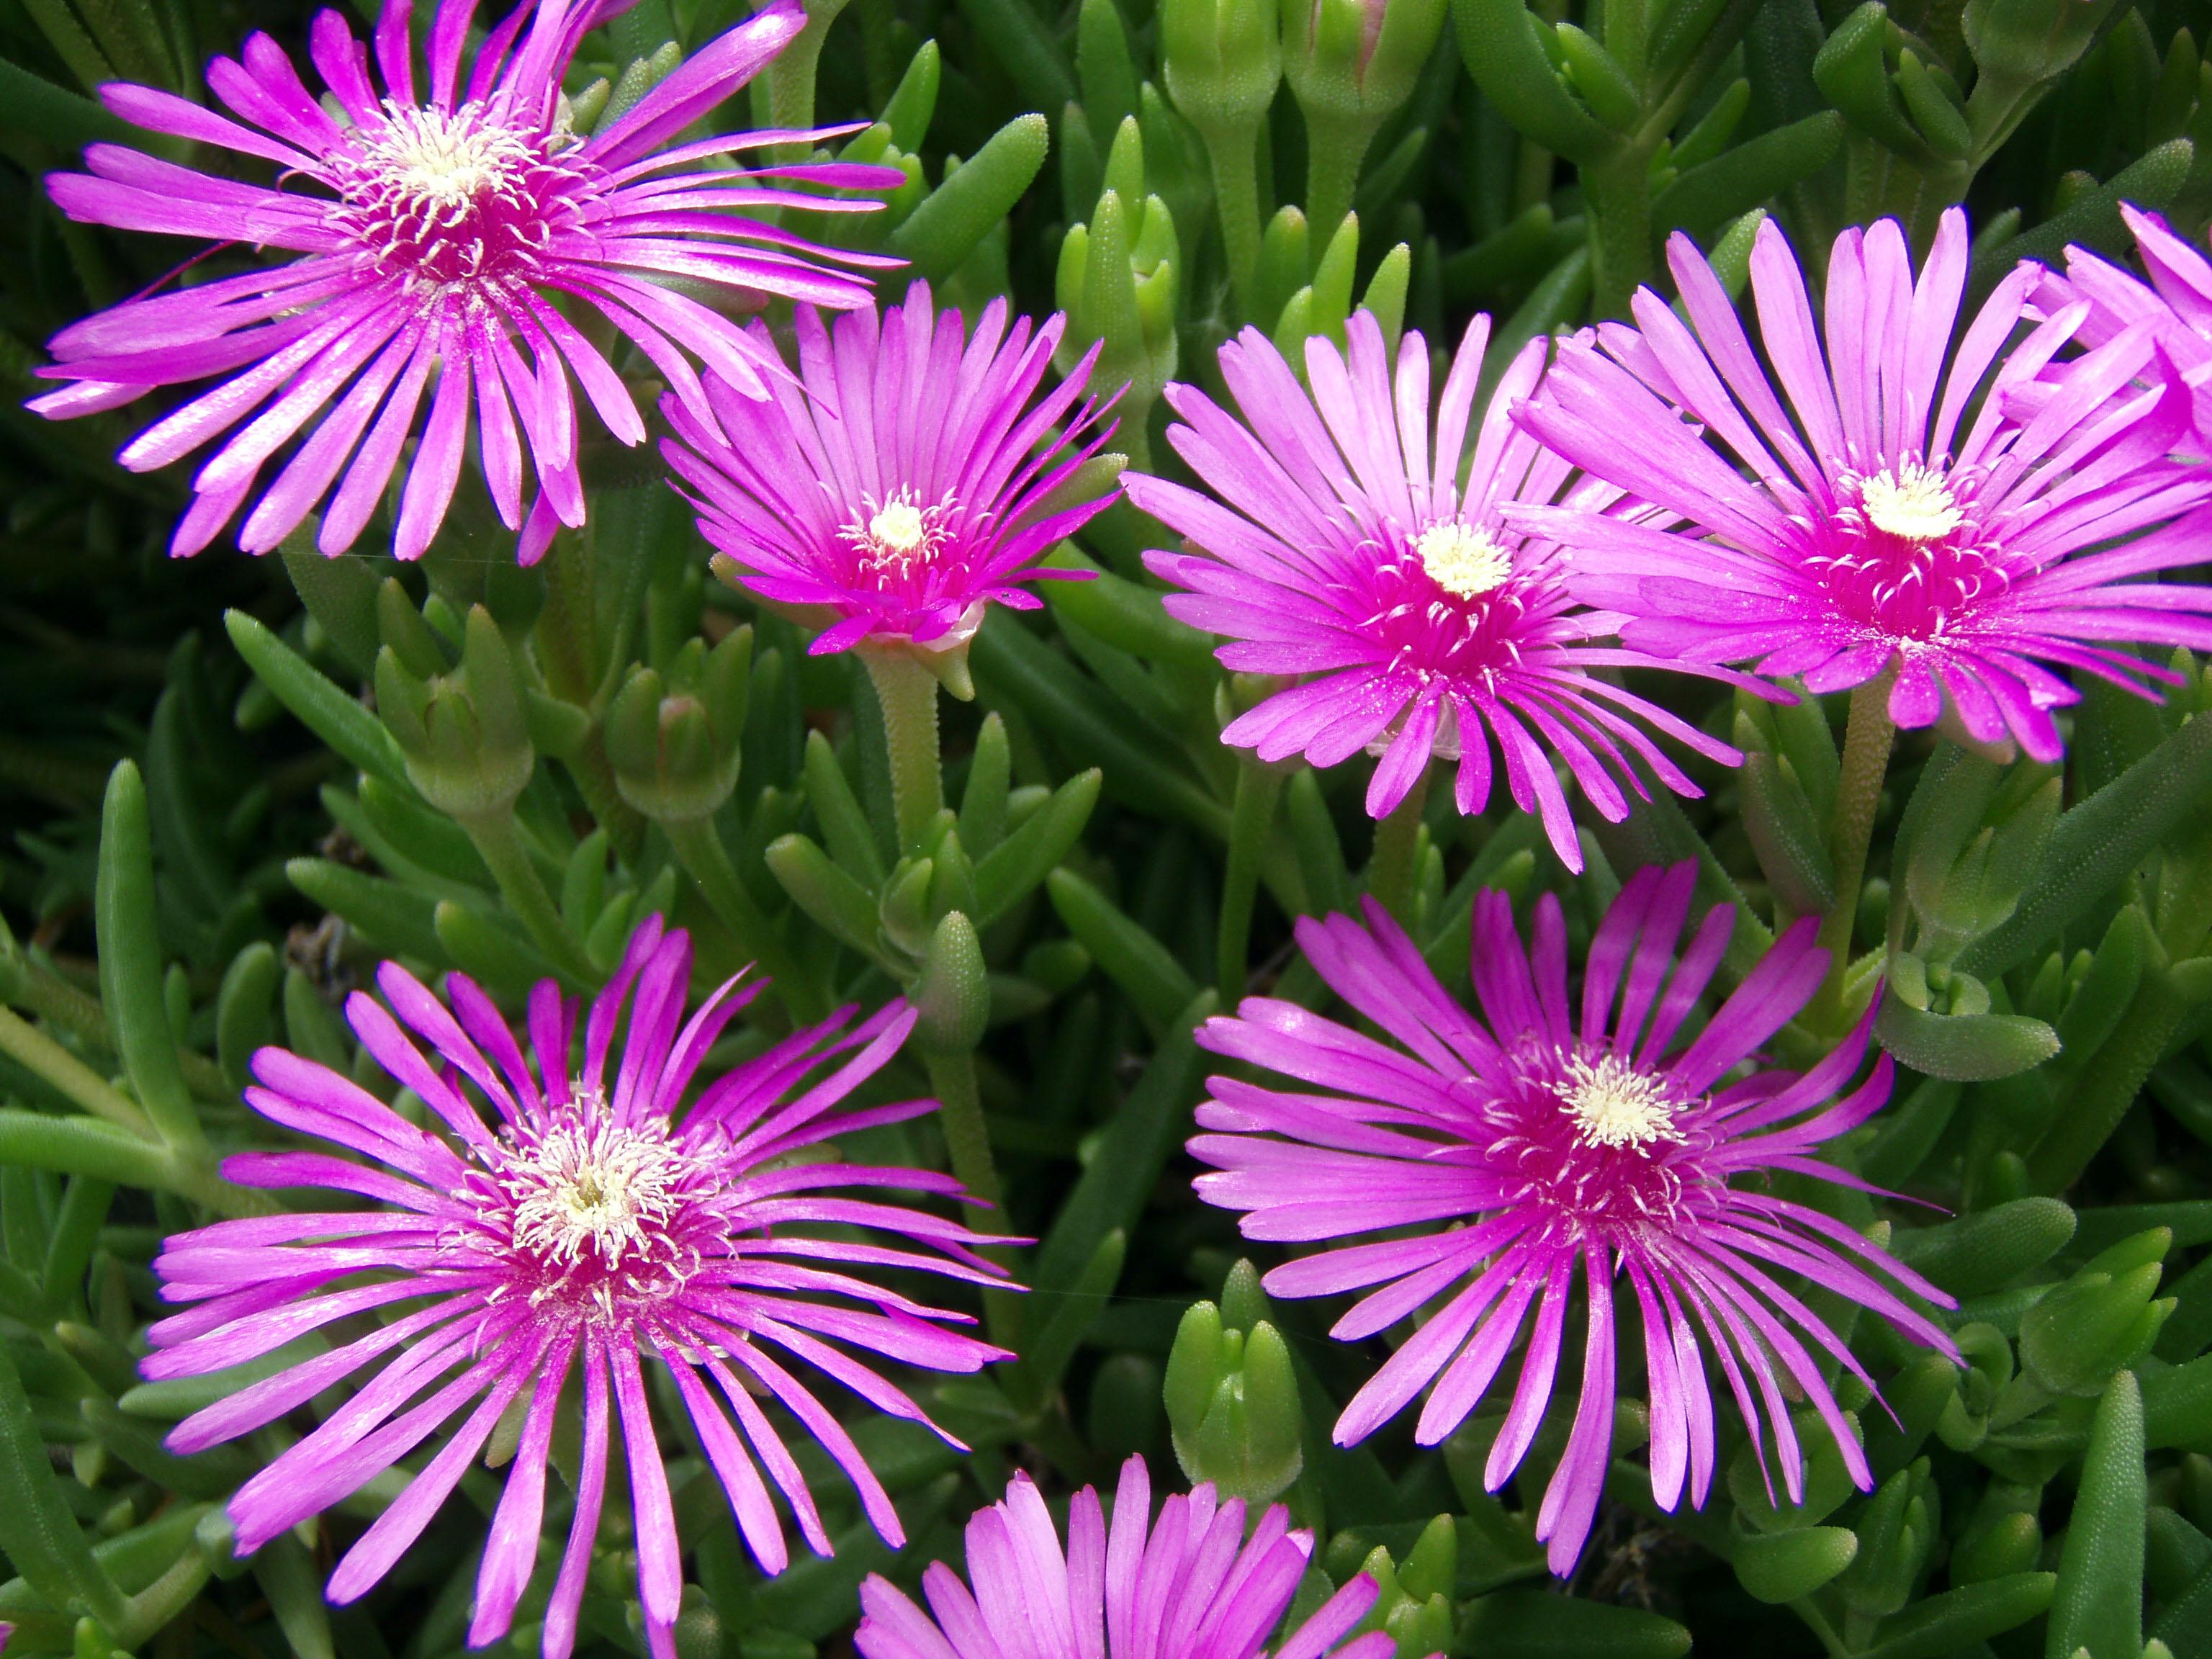 「菊の花」の画像検索結果